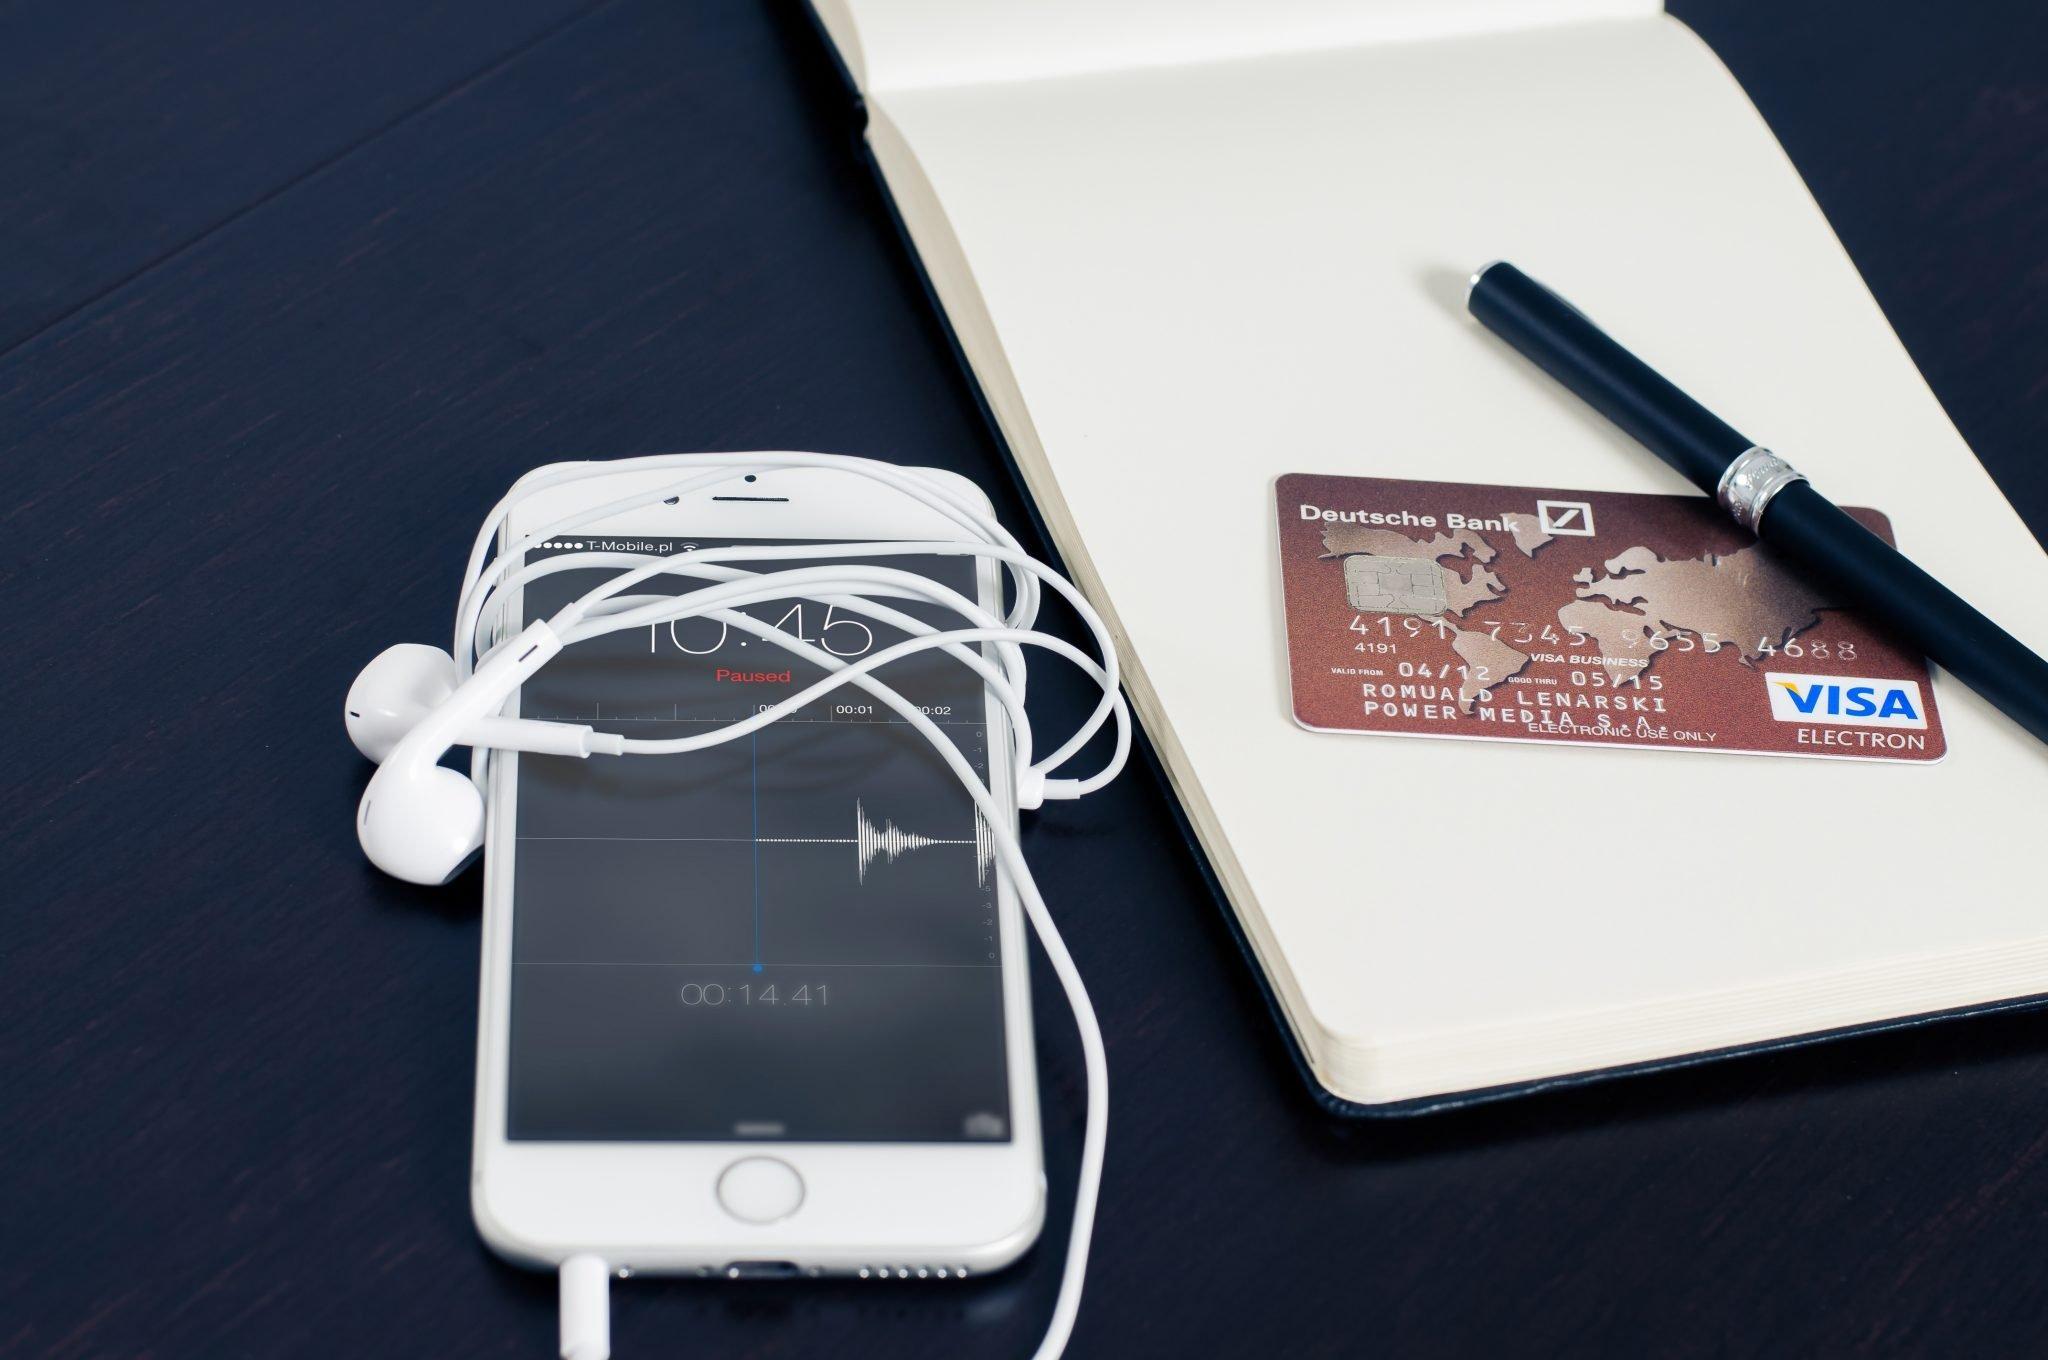 La PSD2 acelera la unificación bancaria y el cobro por transferencia instantánea